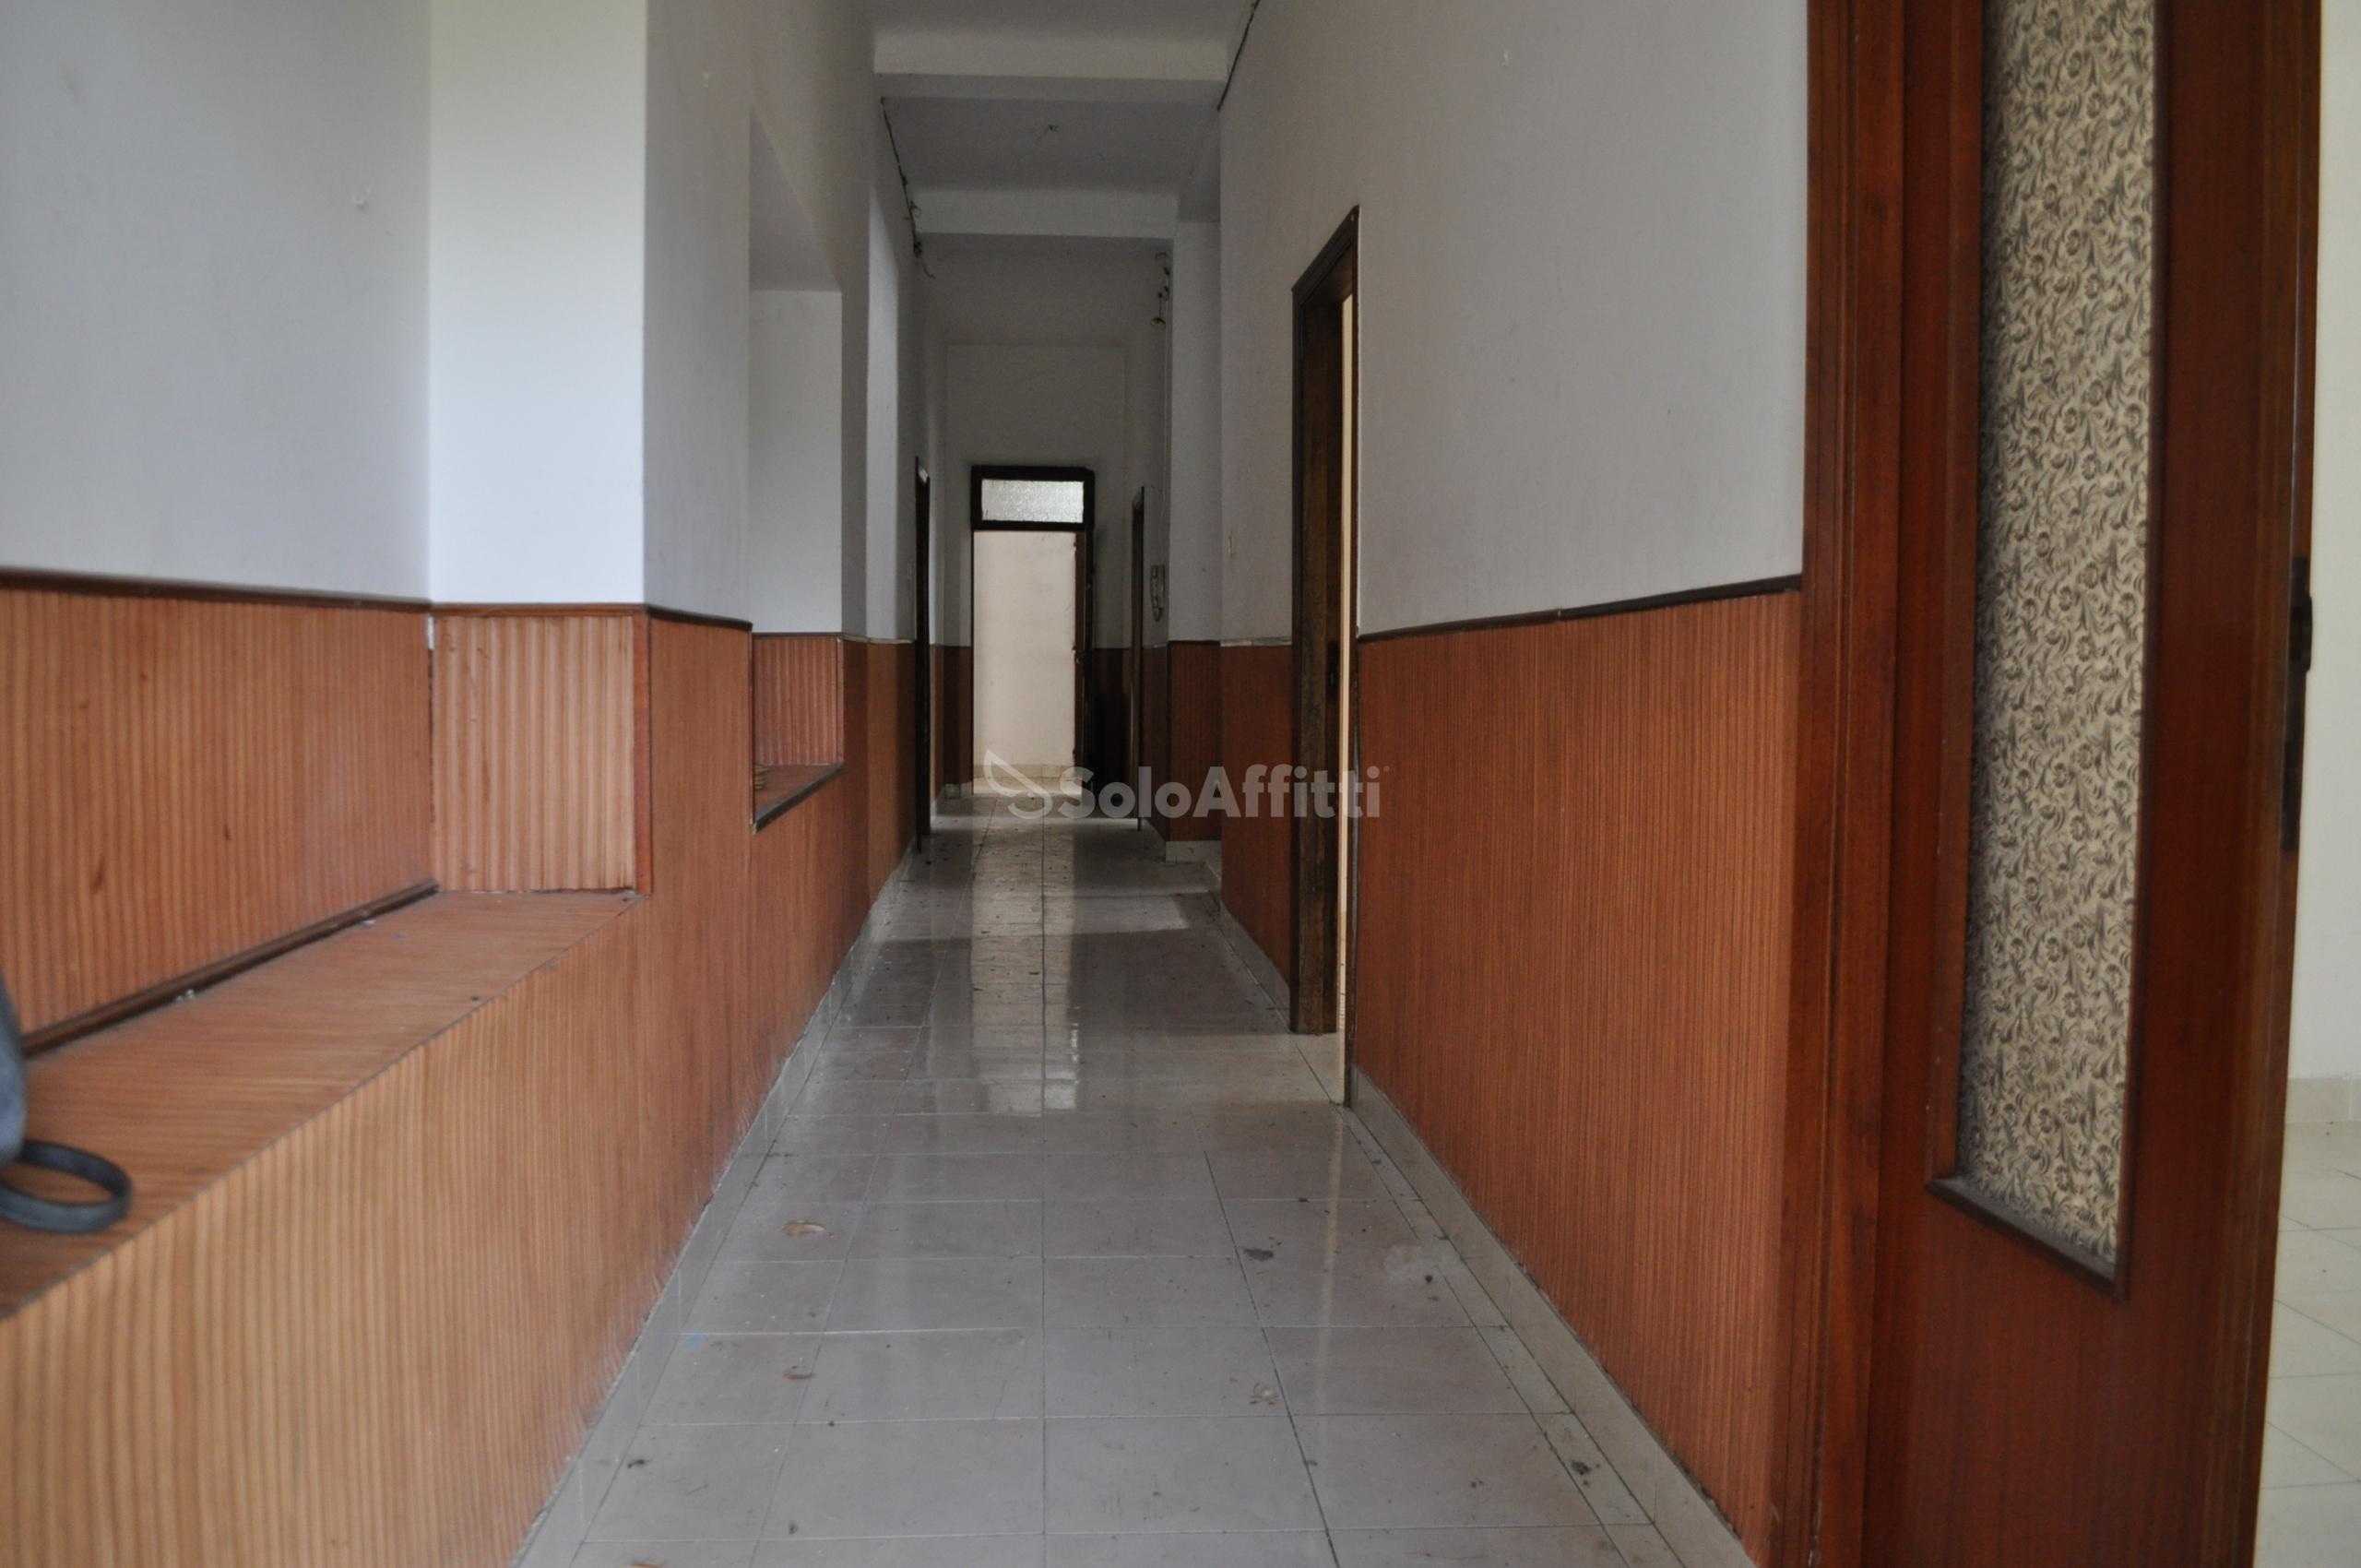 corridoio di ingresso.jpg